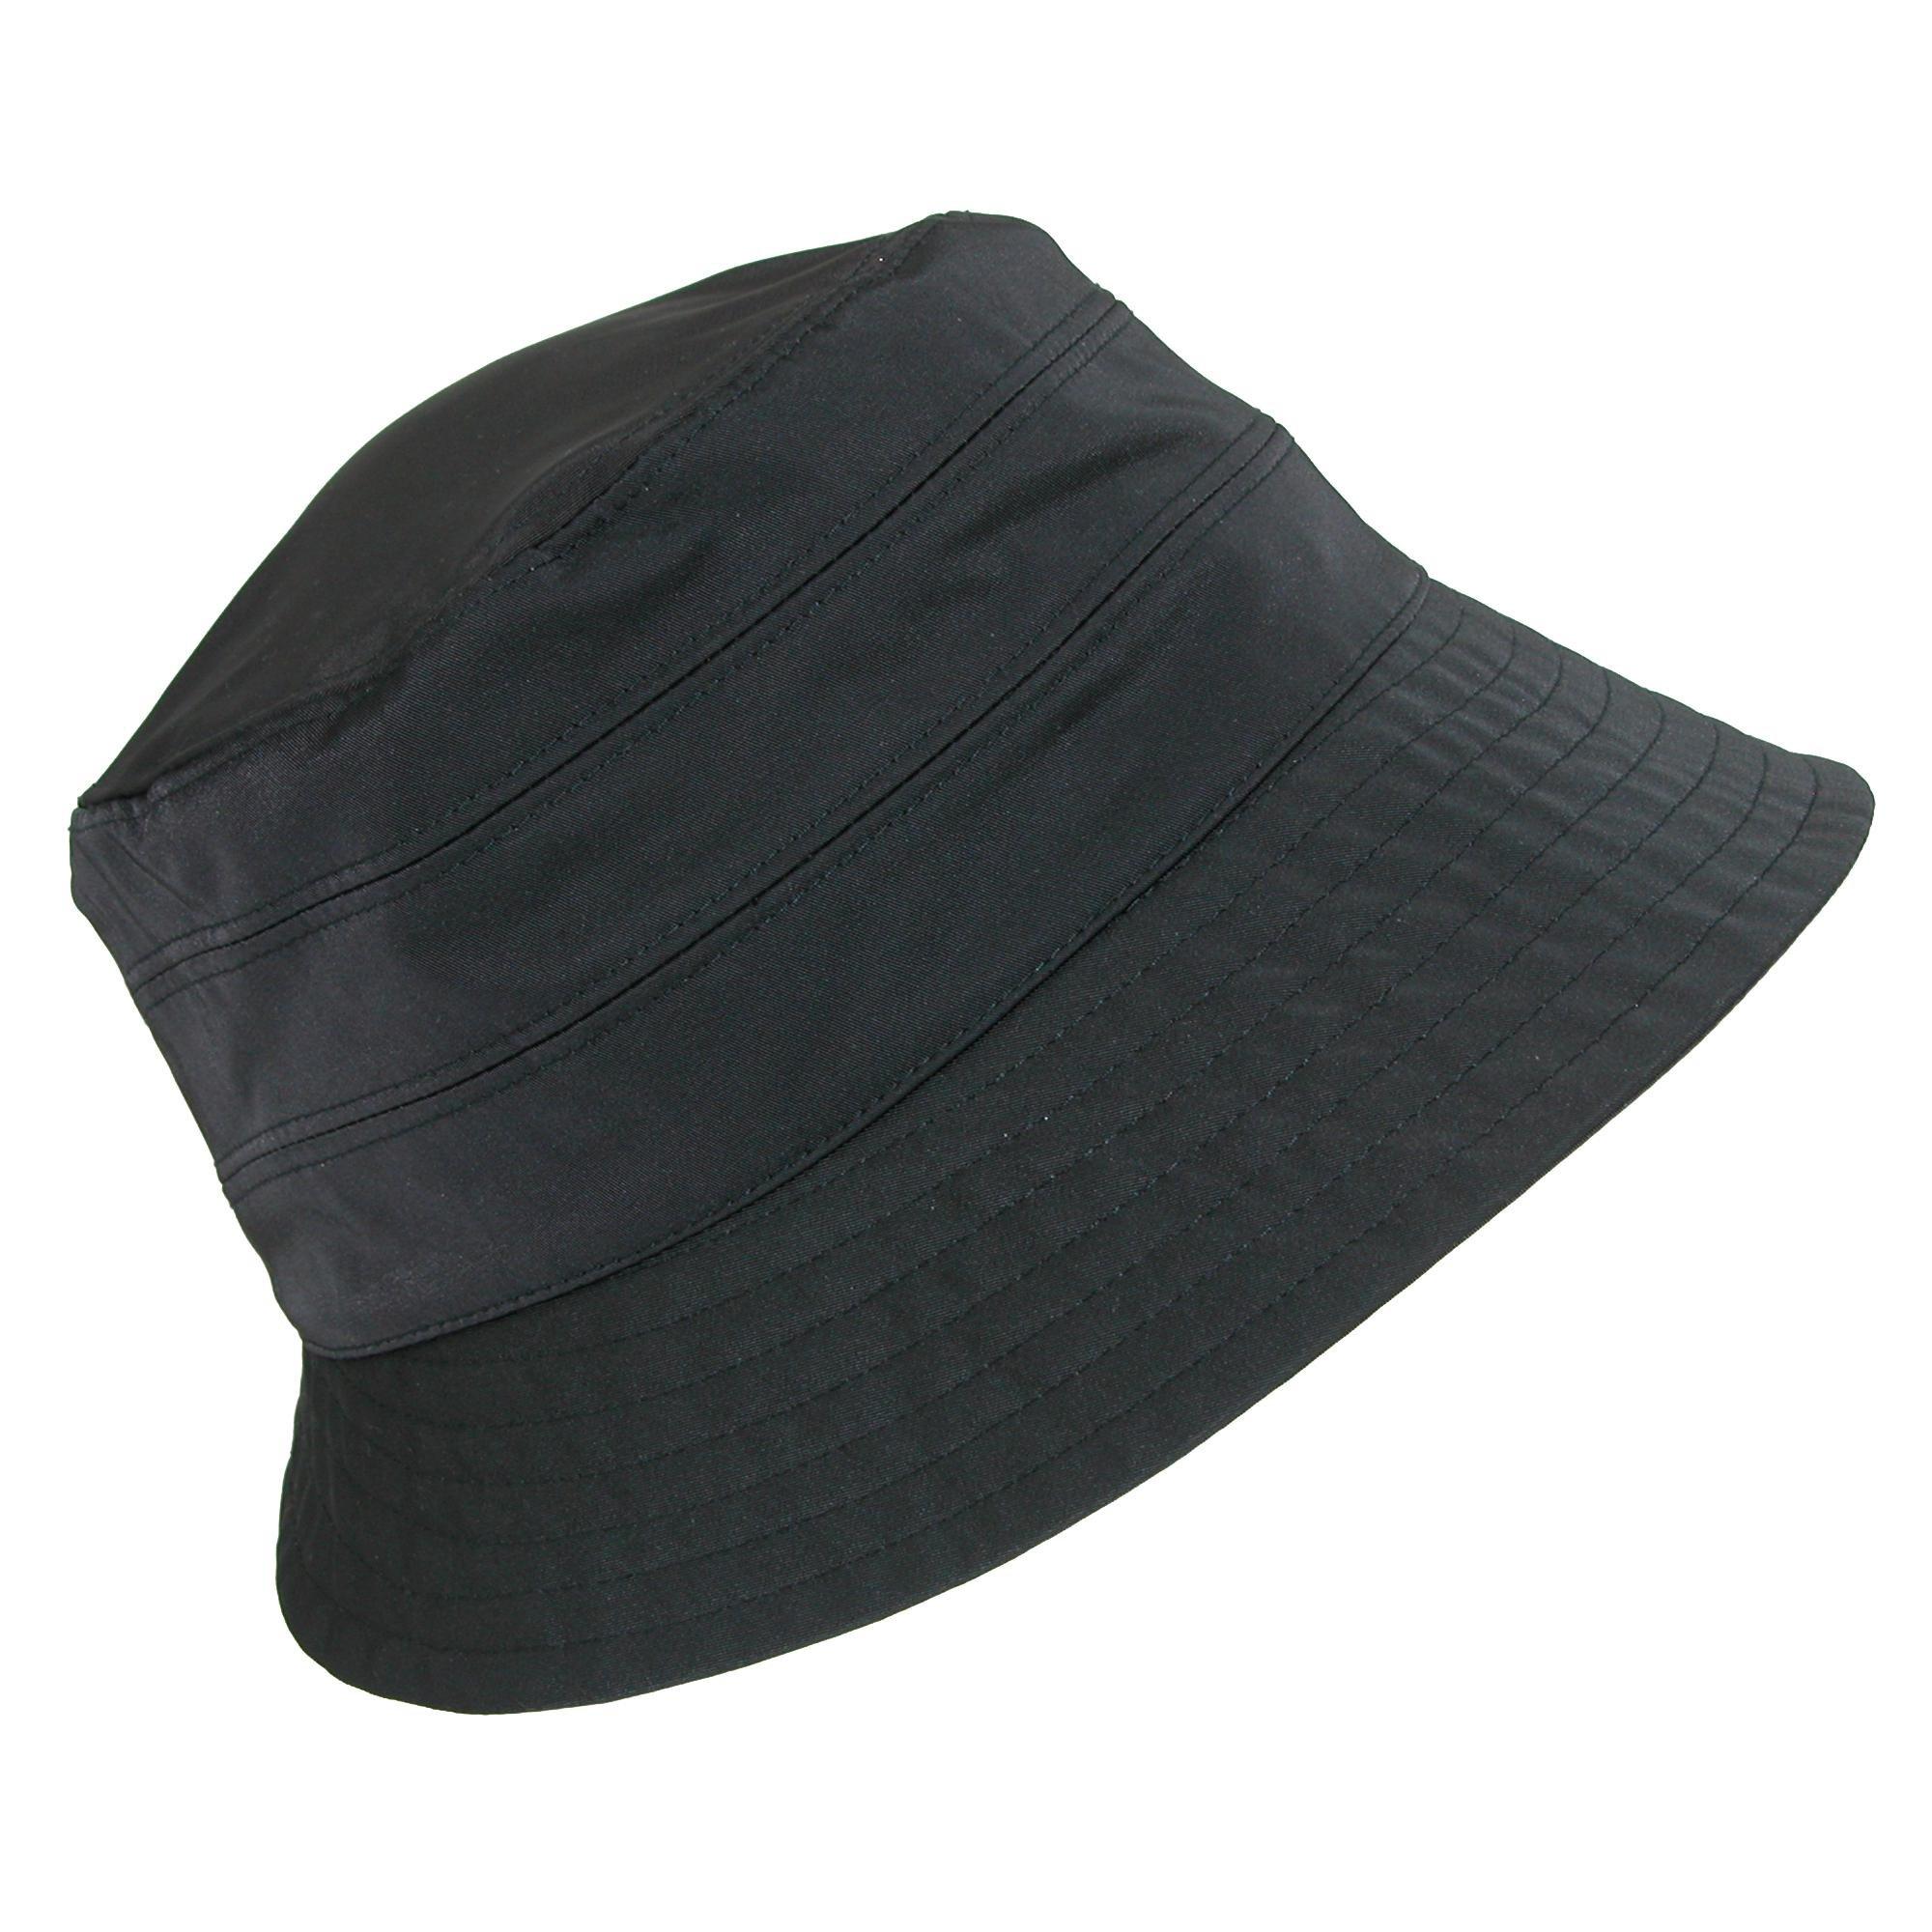 Dorfman Pacific Women's Adjustable Nylon Water Repellent Lined Rain Hat, Black